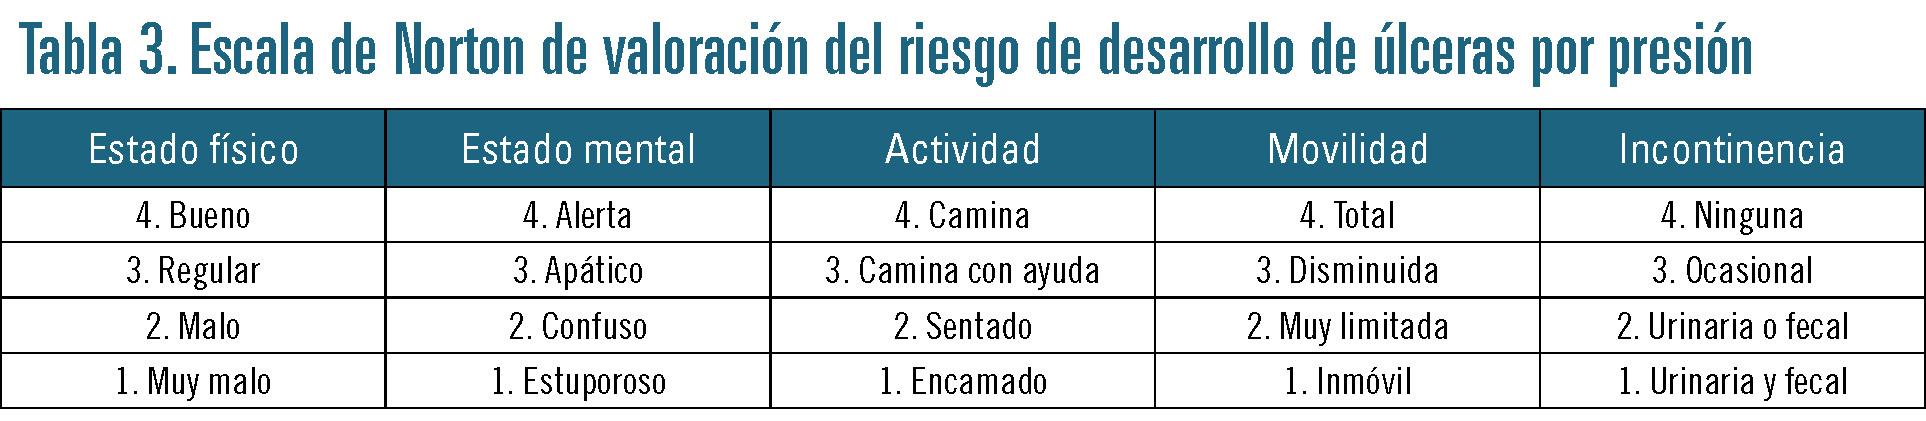 34 EF573 CURSO TEMA 15 tabla 3